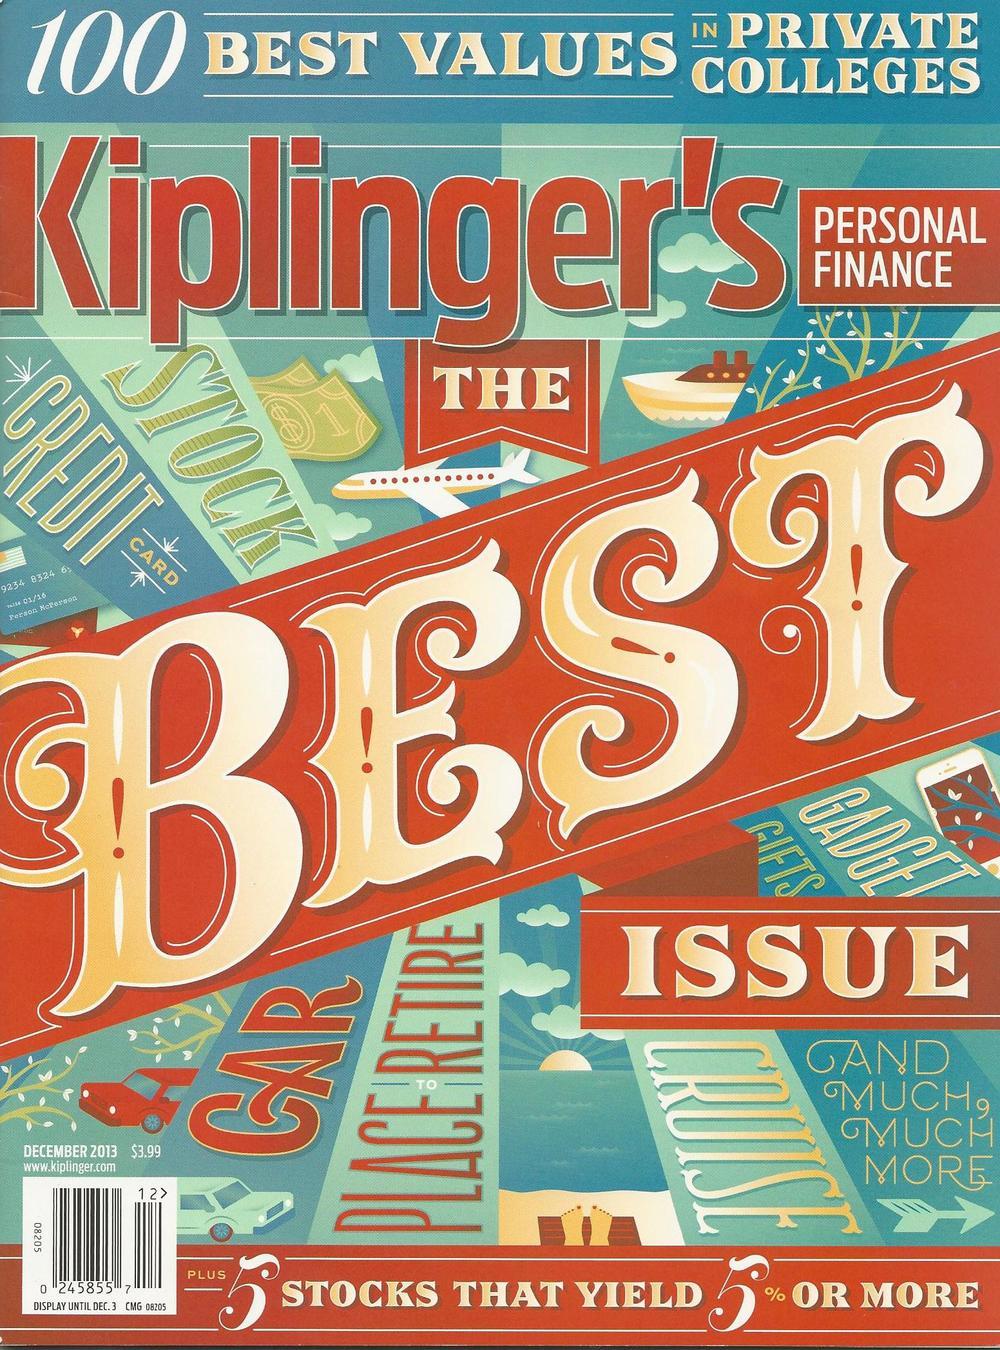 kiplinger-12.2013.jpg